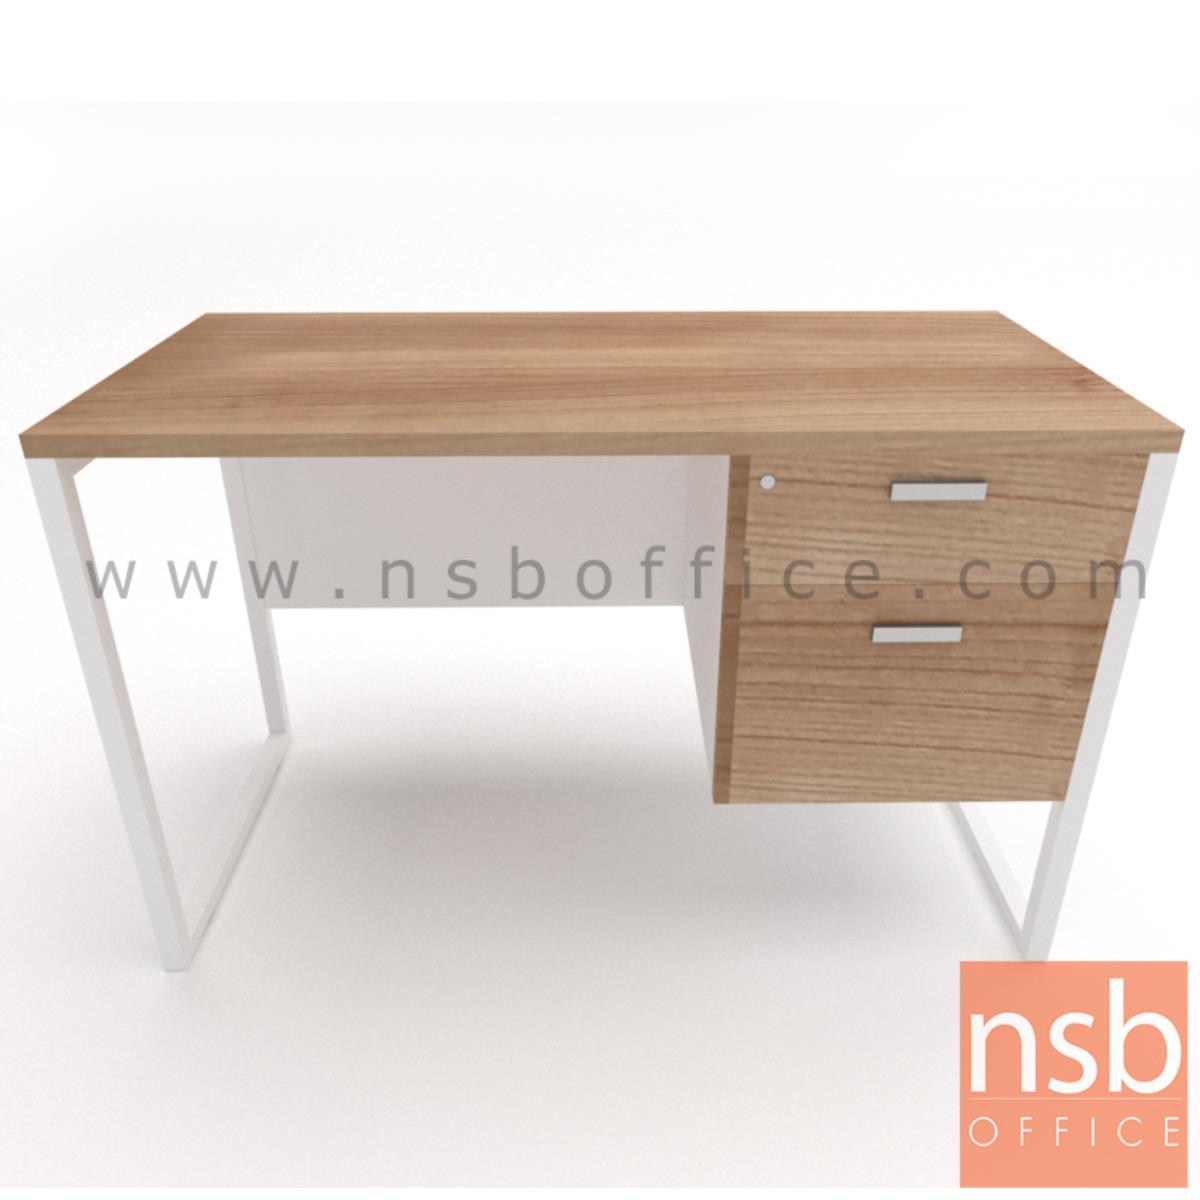 โต๊ะทำงาน 2 ลิ้นชัก รุ่น Mondaine (มอนเดน) ขนาด 120W ,135W ,150W ,160W ,180W cm.  ขาเหล็กกล่องพ่นสี